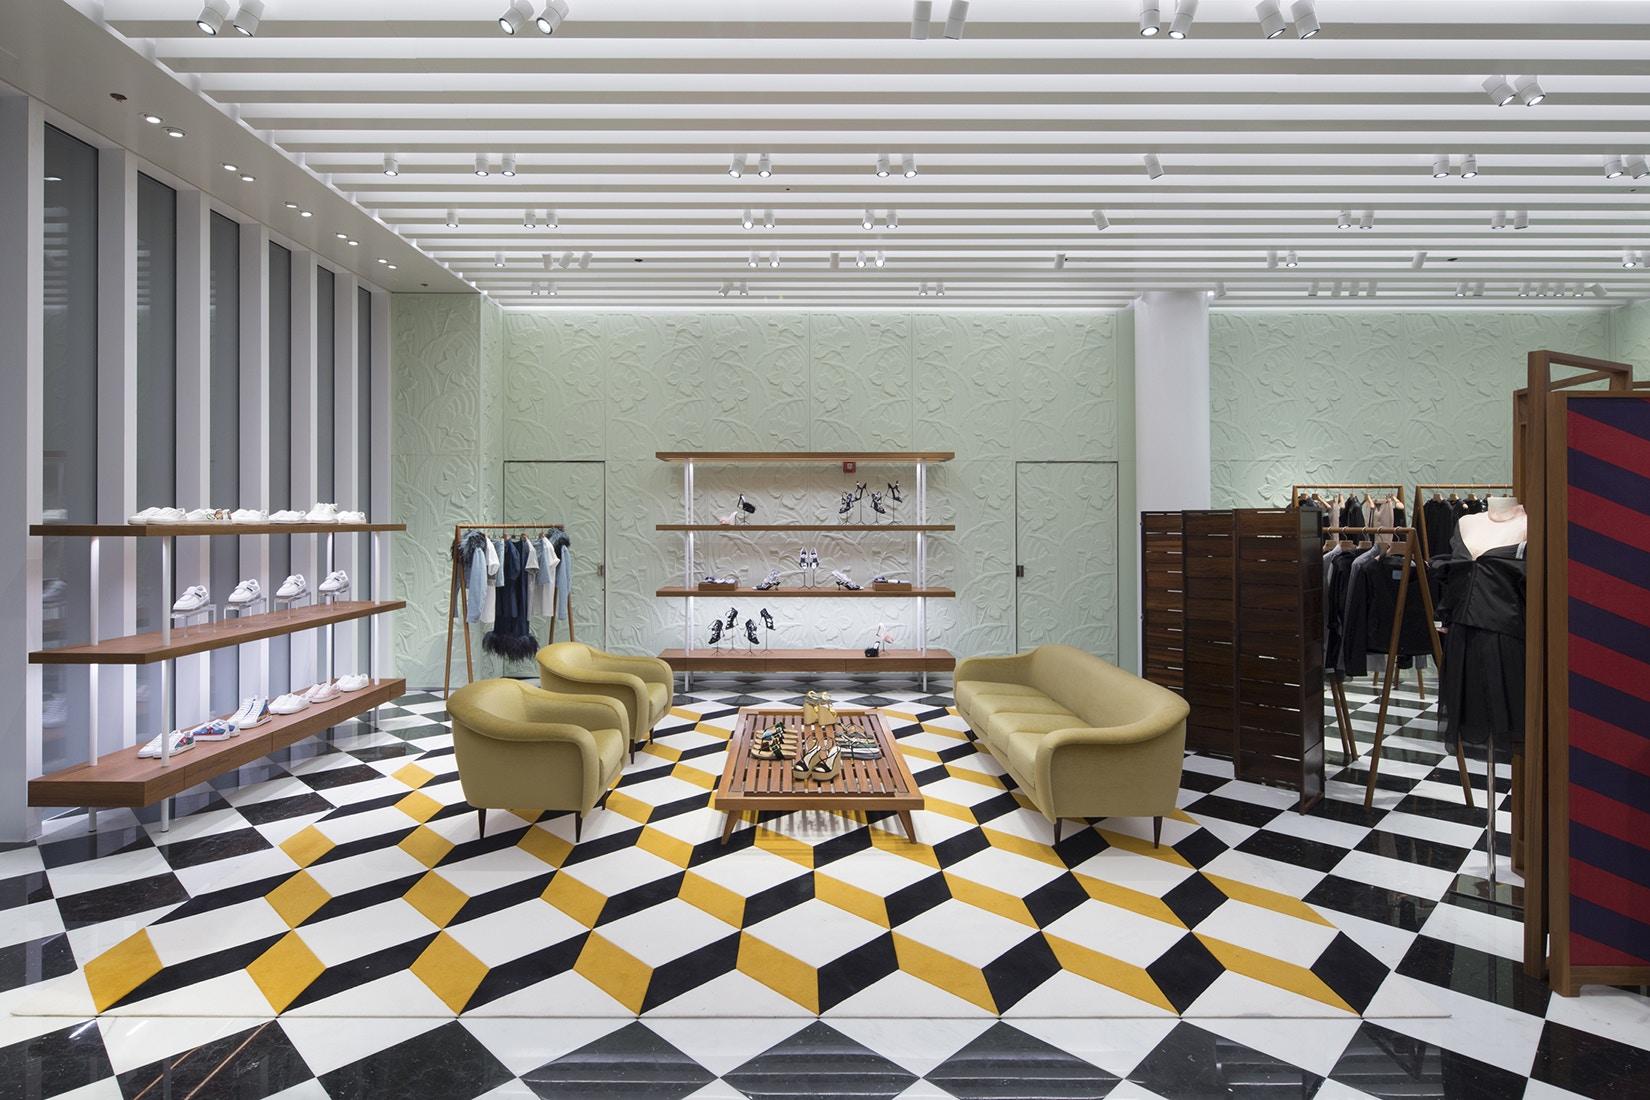 O piso de mármore faz referência à histórica loja flagship da Prada na Galleria Vittorio Emanuele II em Milão. (crédito: divulgação).